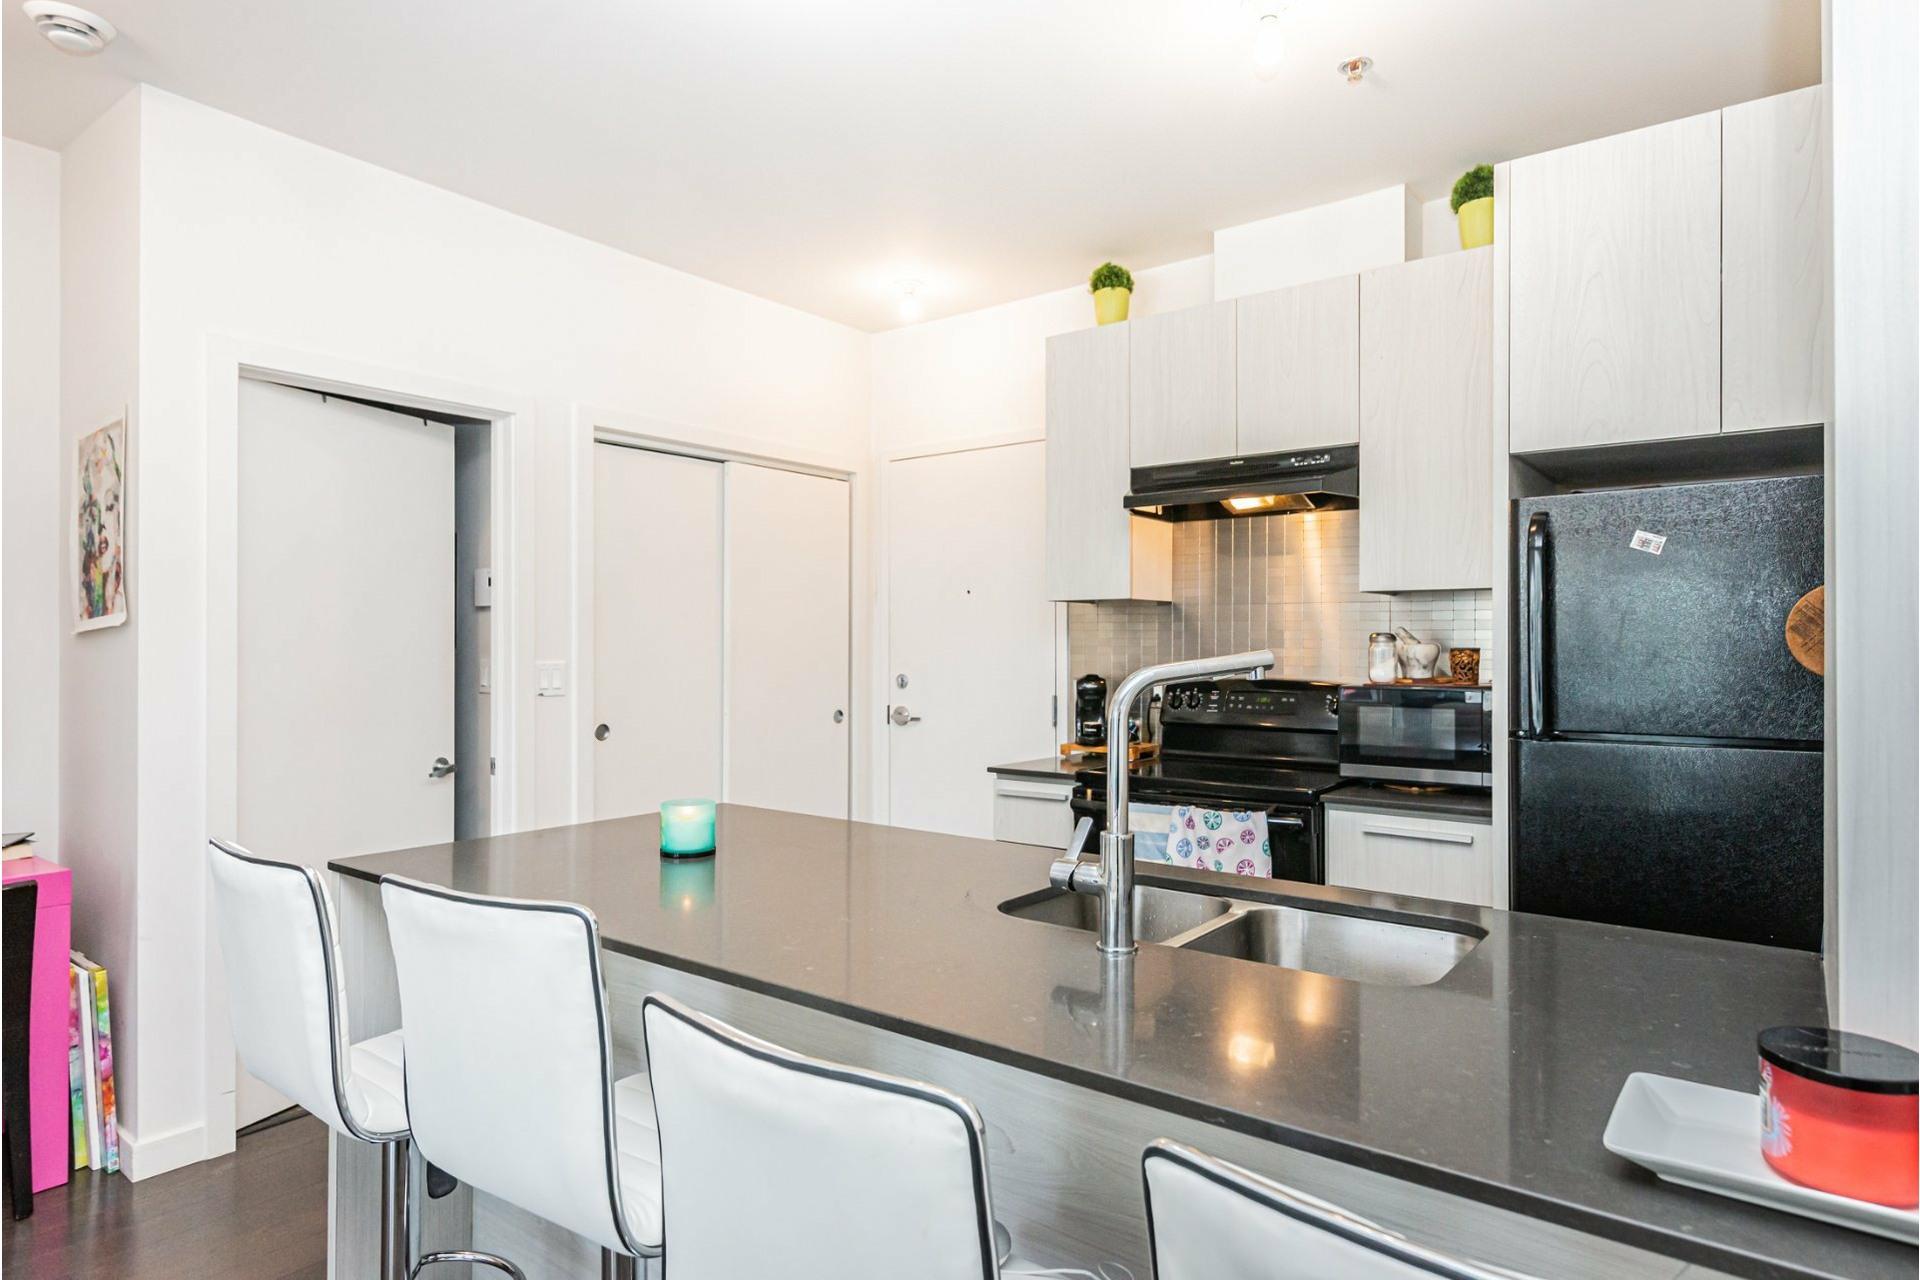 image 10 - Apartment For sale Lachine Montréal  - 4 rooms